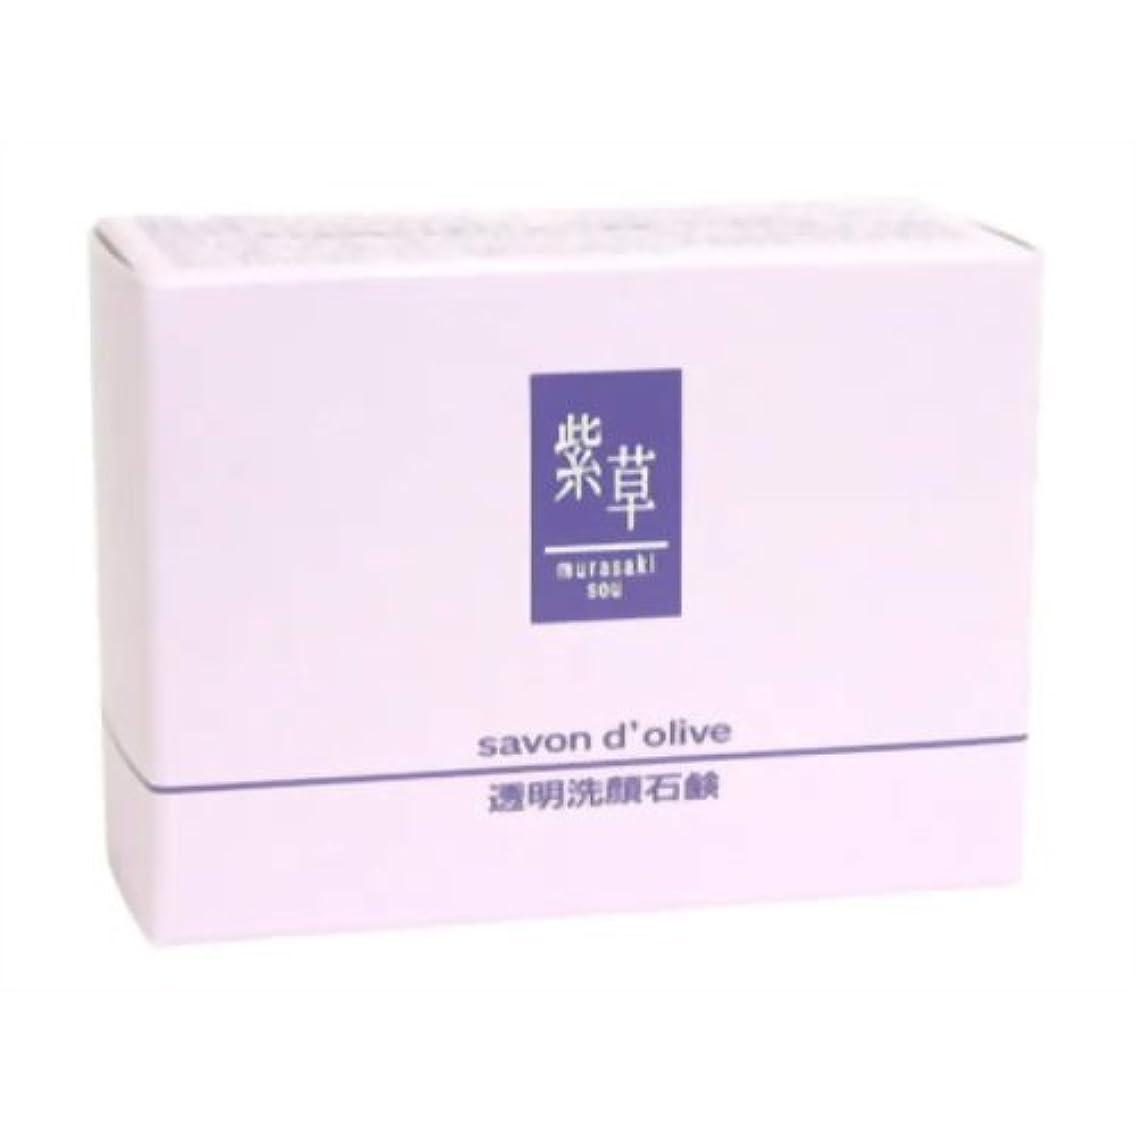 マッシュ焦げ謎めいた紫草 サボンドリーブ(洗顔)